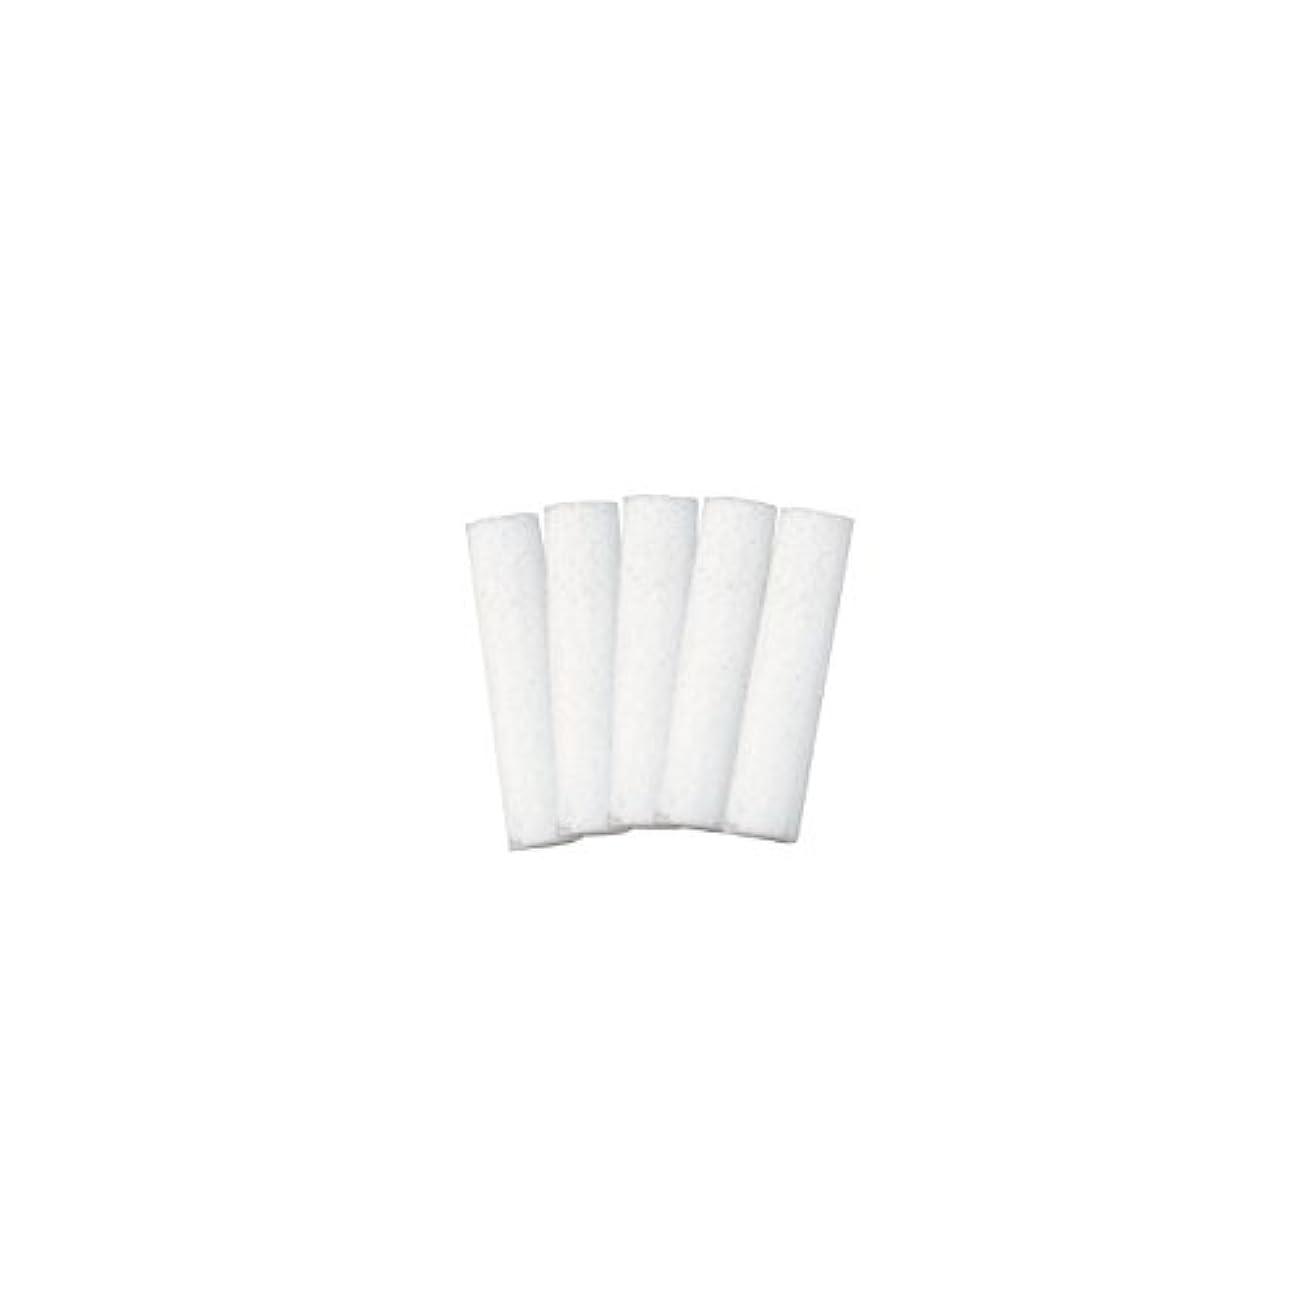 錫クロールマイナー生活の木 アロマネックレス 替え芯 5本 (アロマペンダント 替え芯) (13-509-5020)